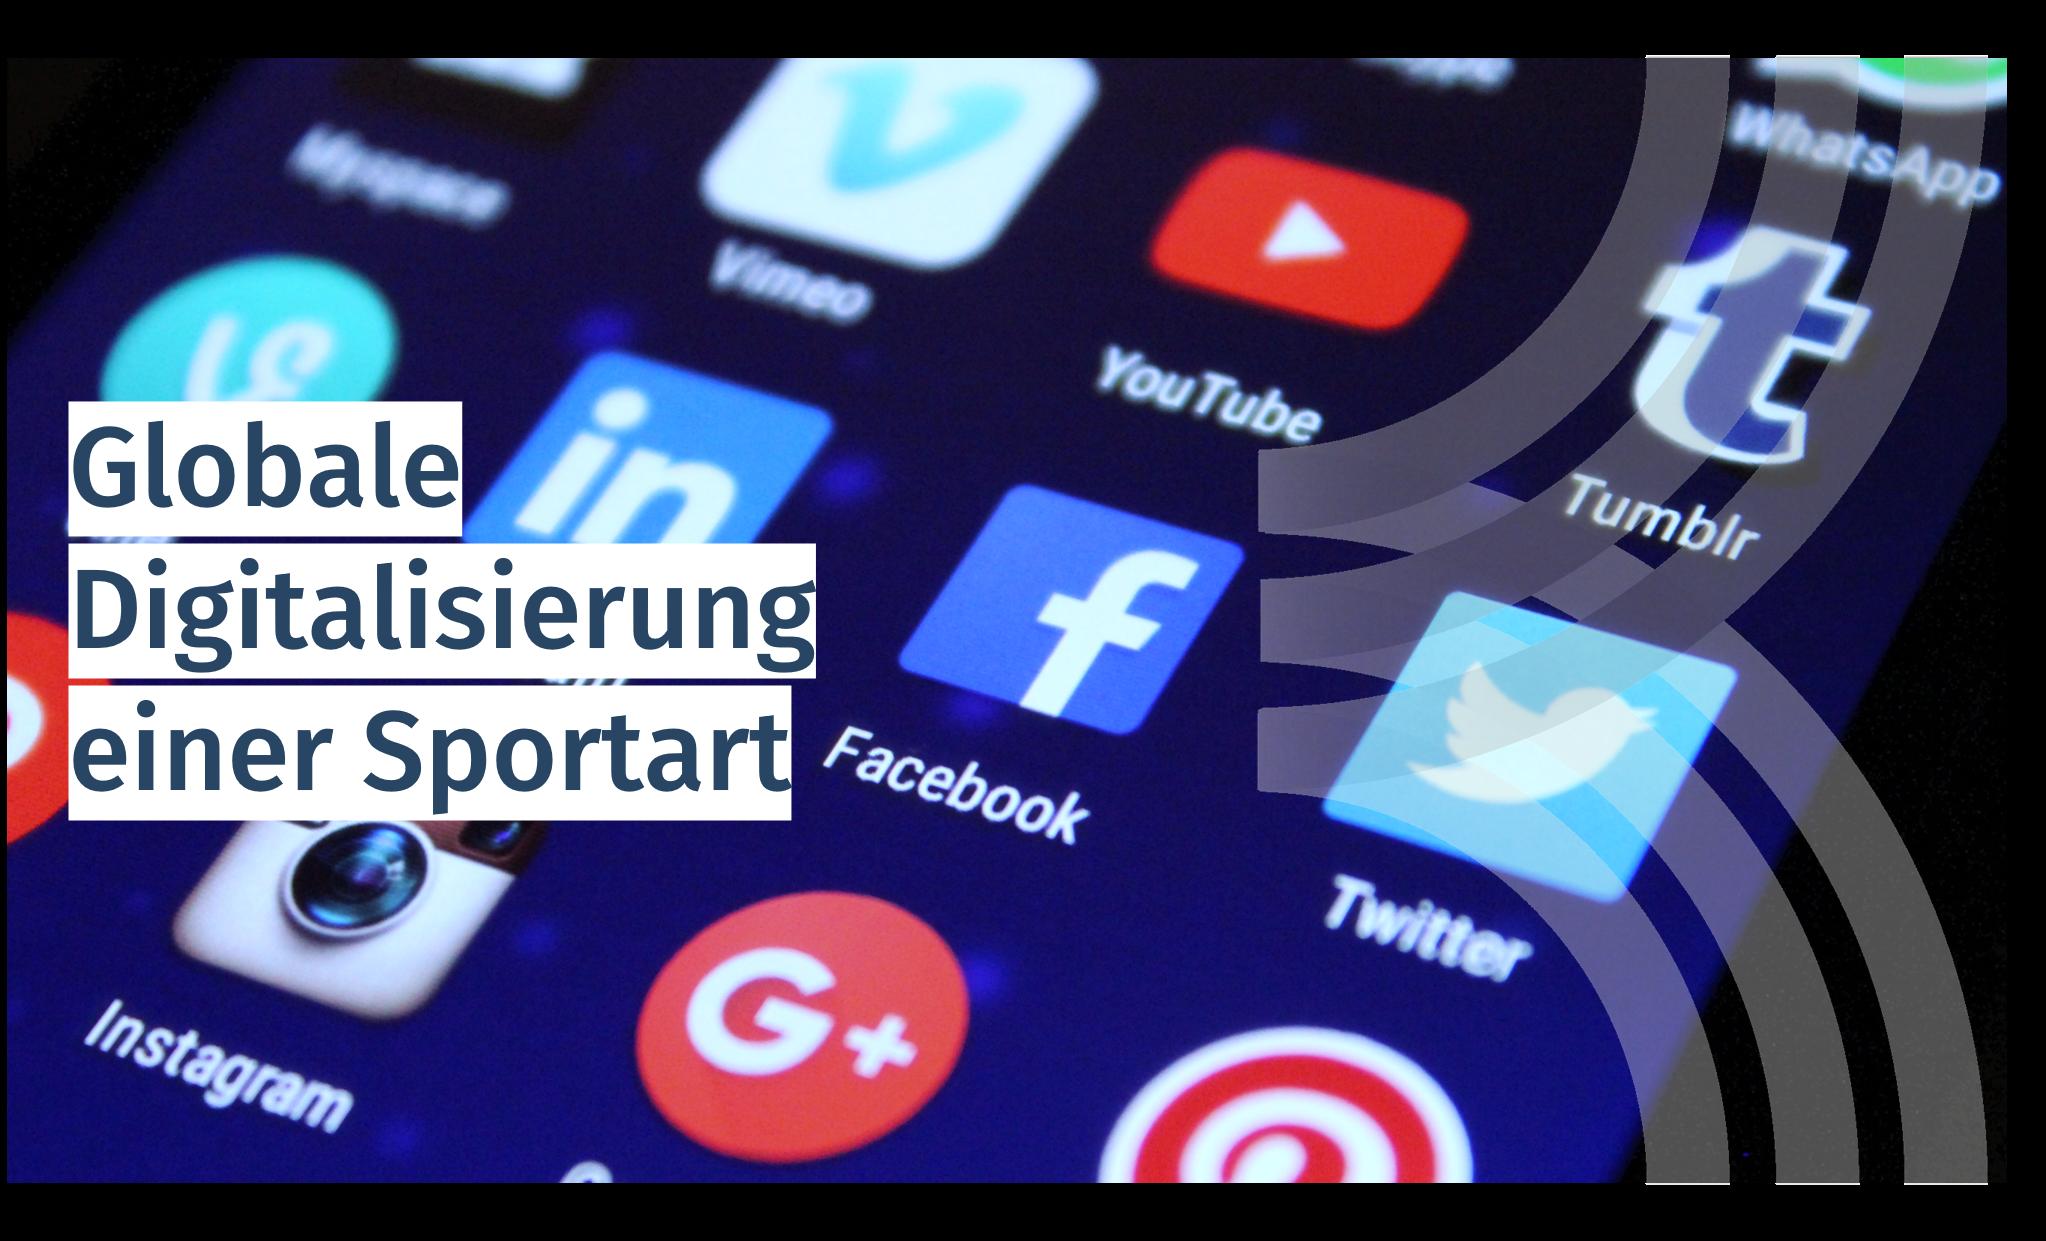 Globale Digitalisierung einer Sportart